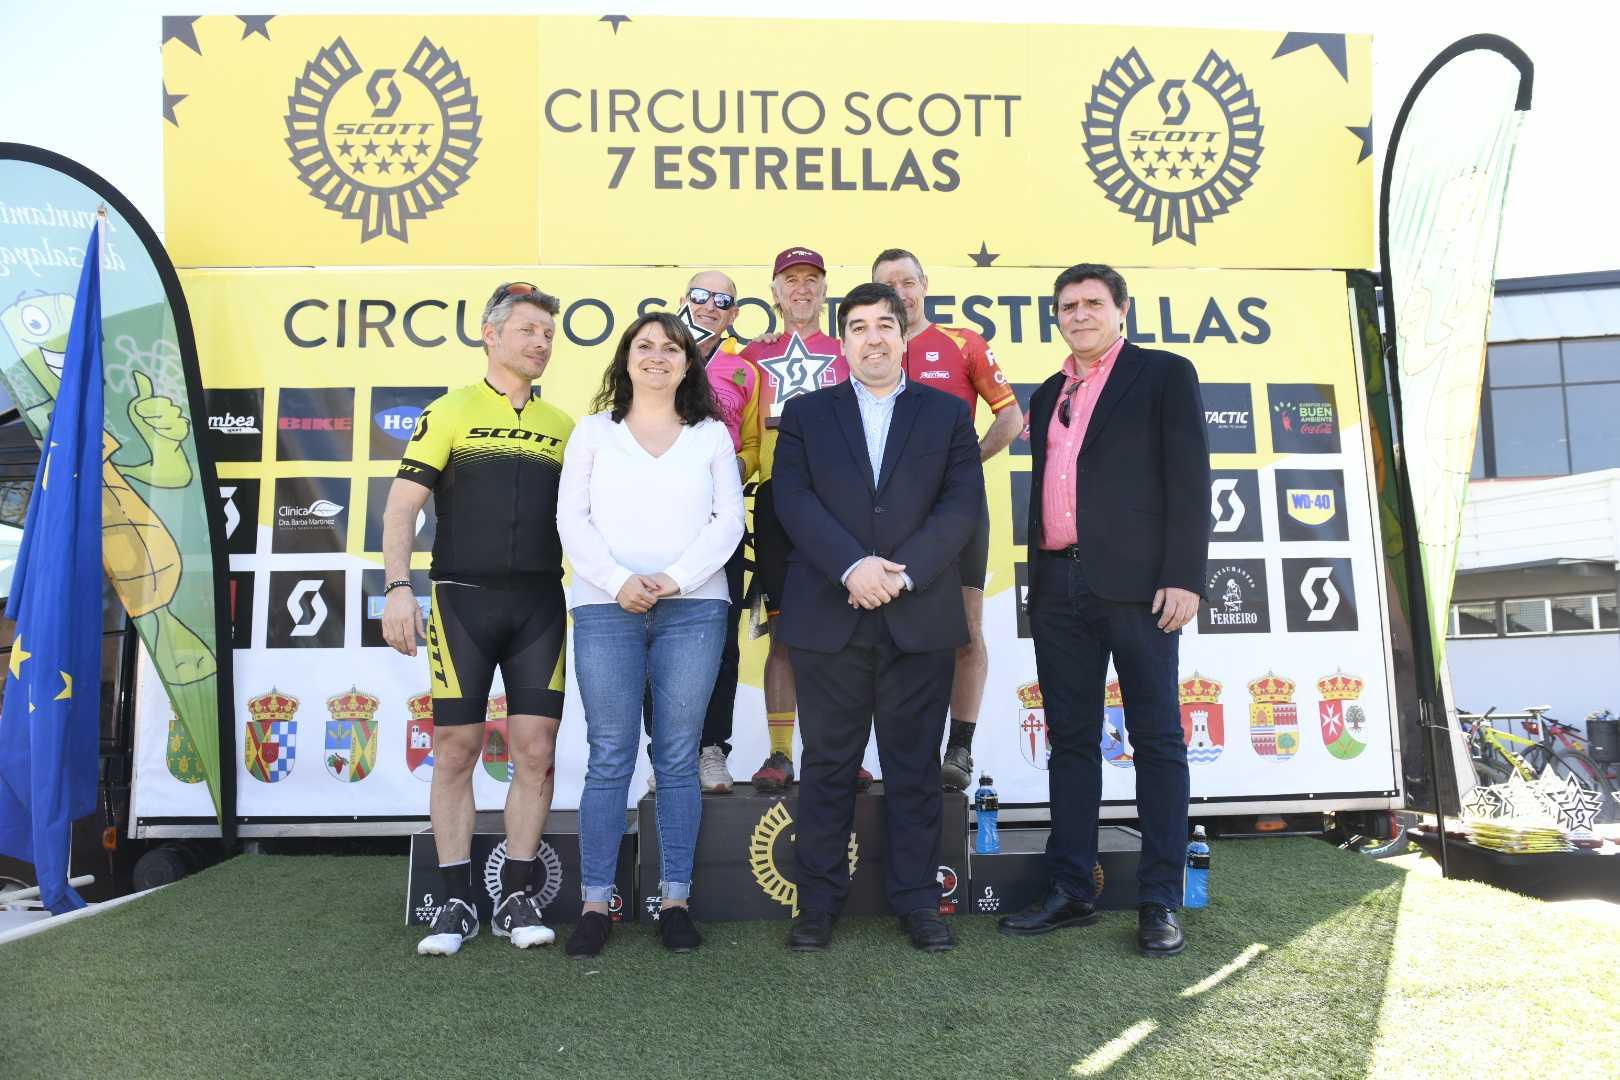 El Circuito Scott 7 Estrellas inauguró su calendario 2020 en Galapagar con el Rally de los Embalses